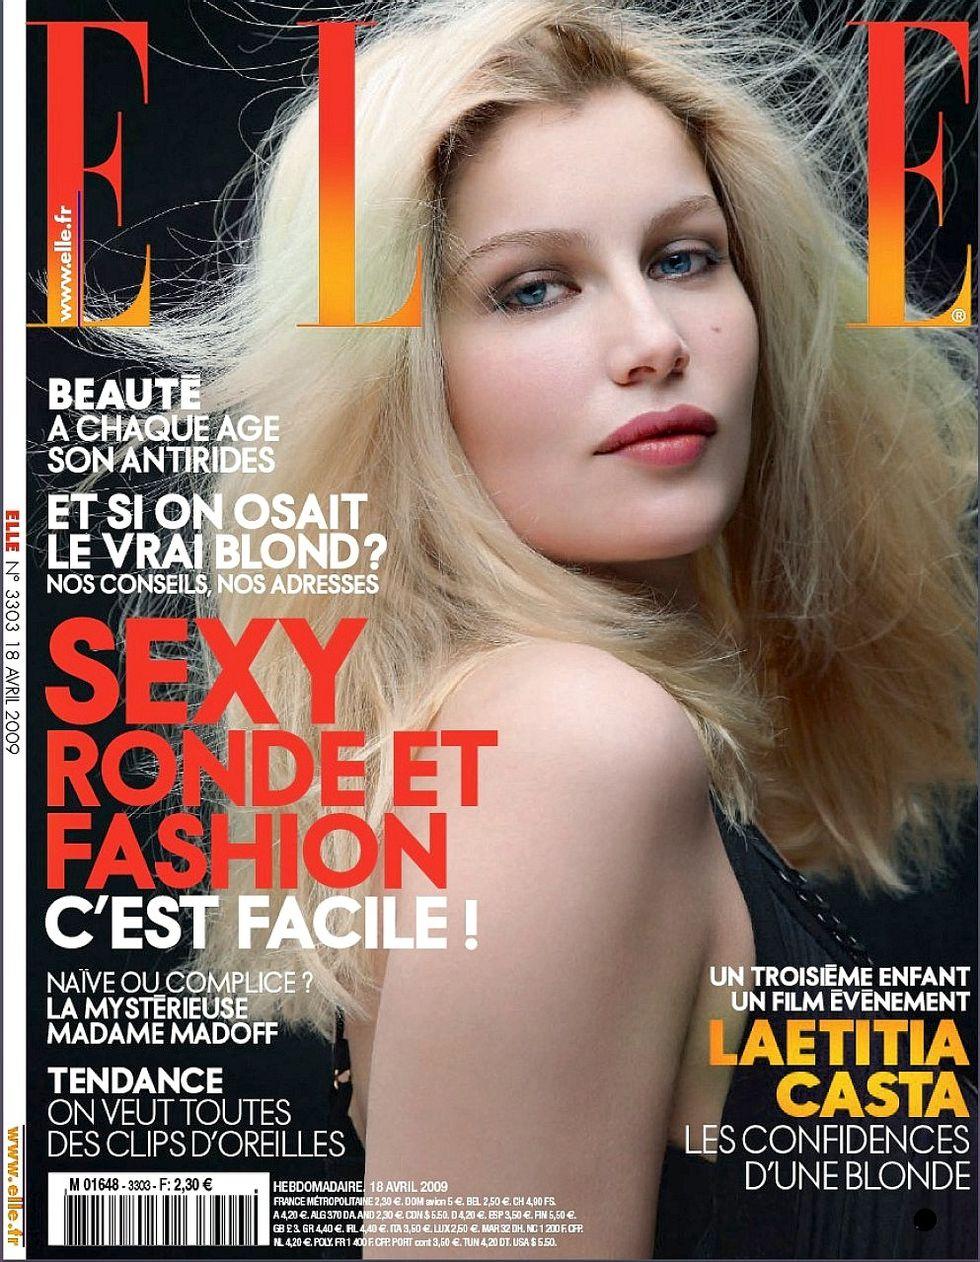 laetitia-casta-elle-magazine-april-2009-01